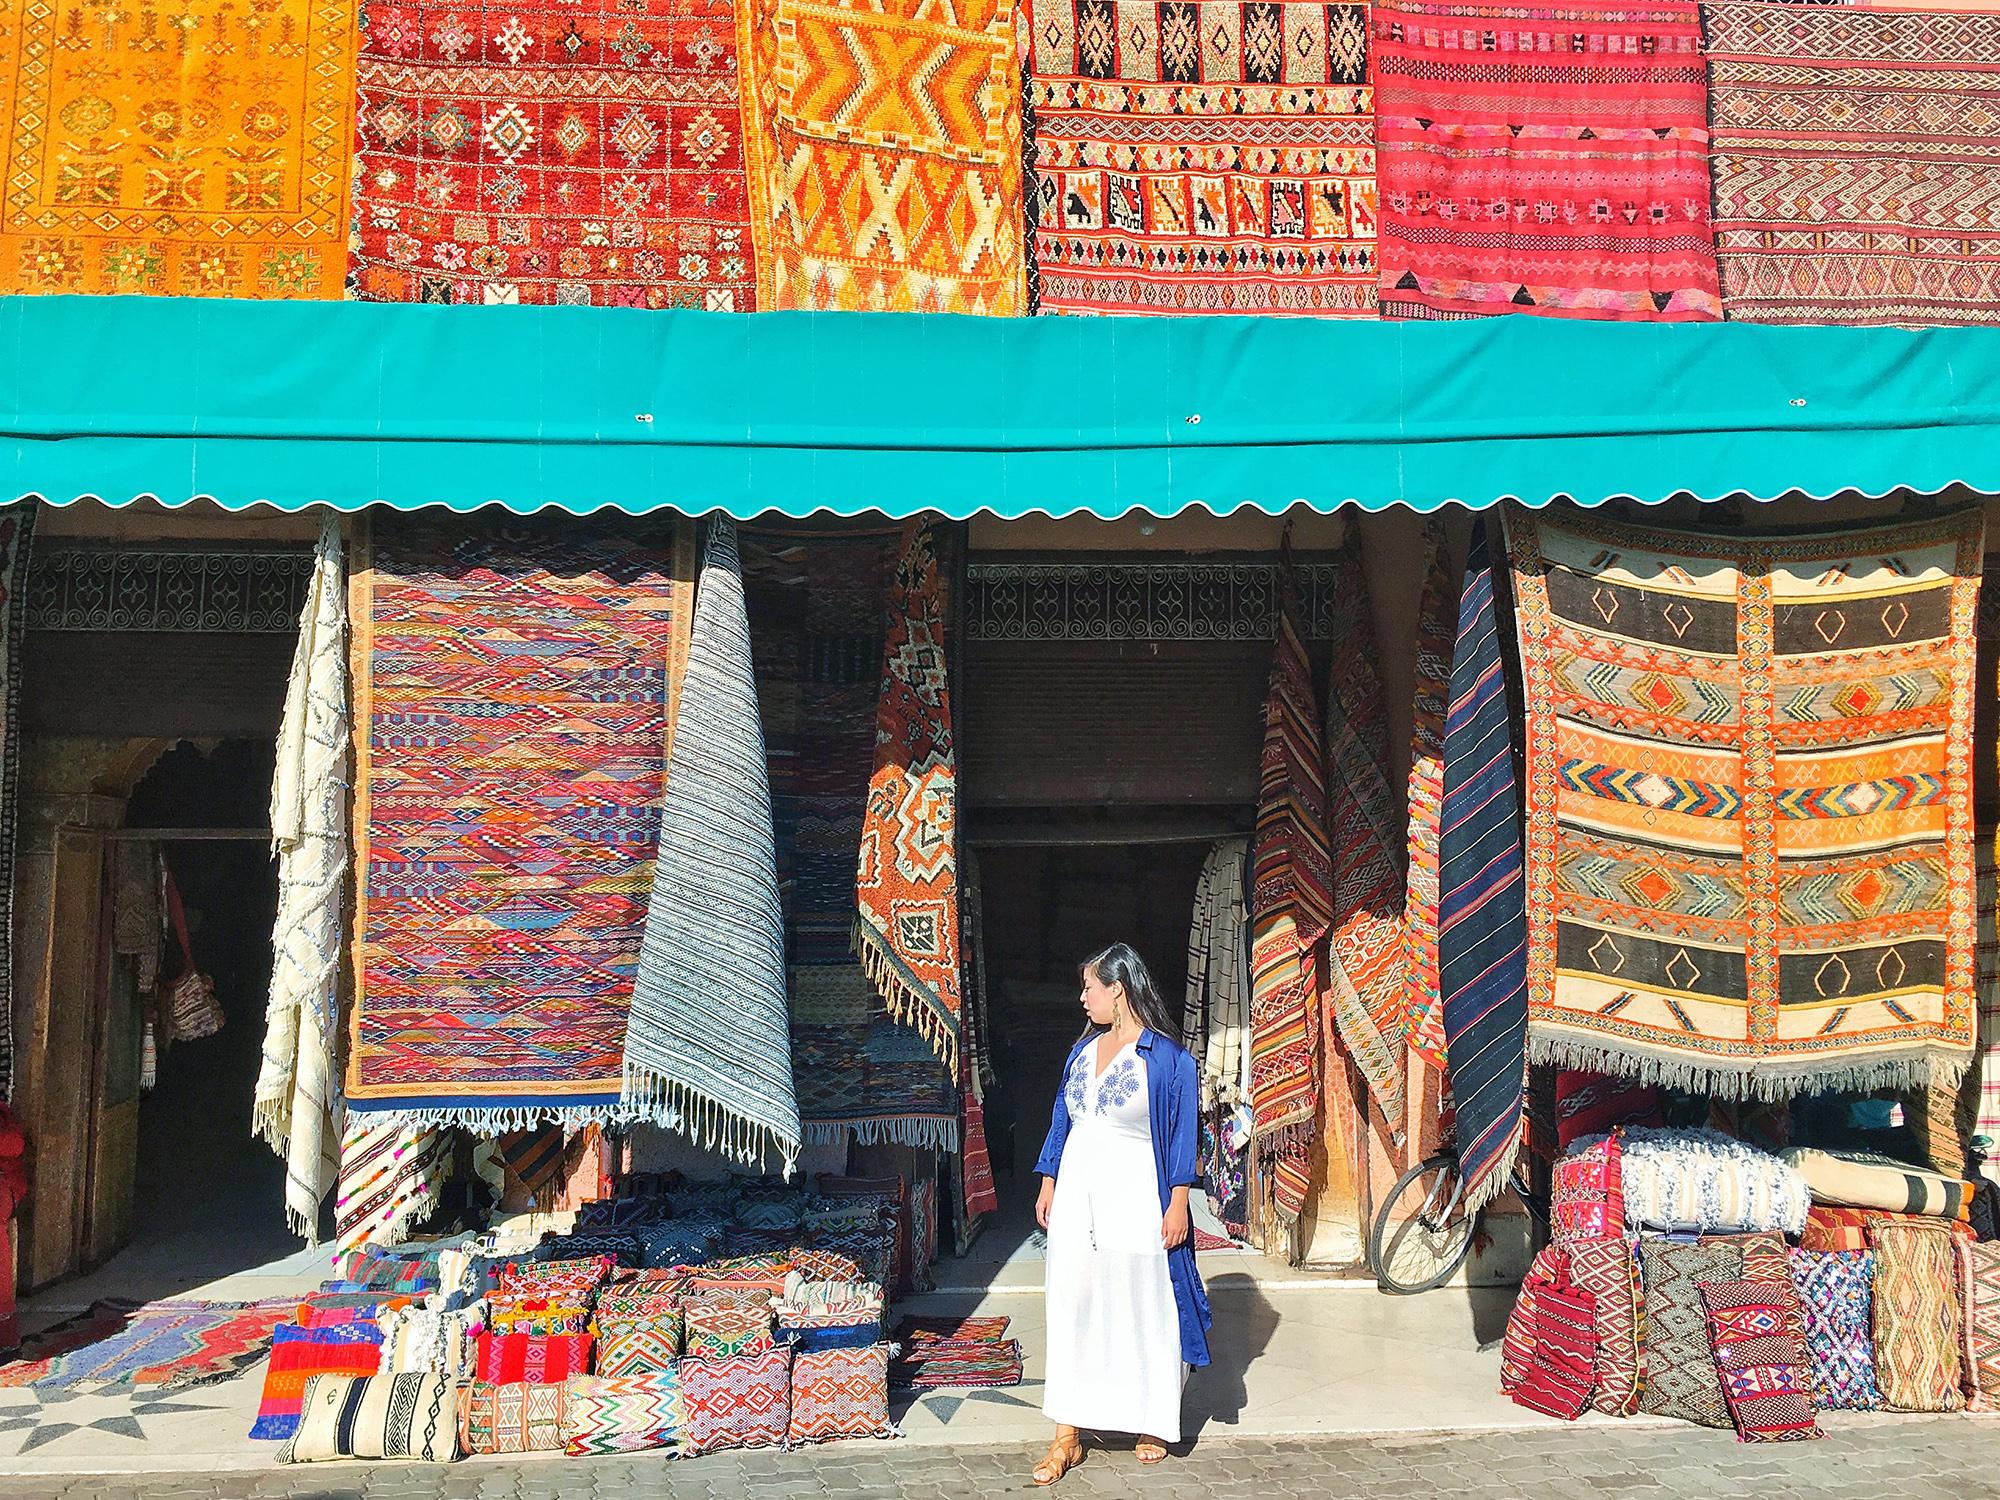 The Souks of Marrakech, Carpets!